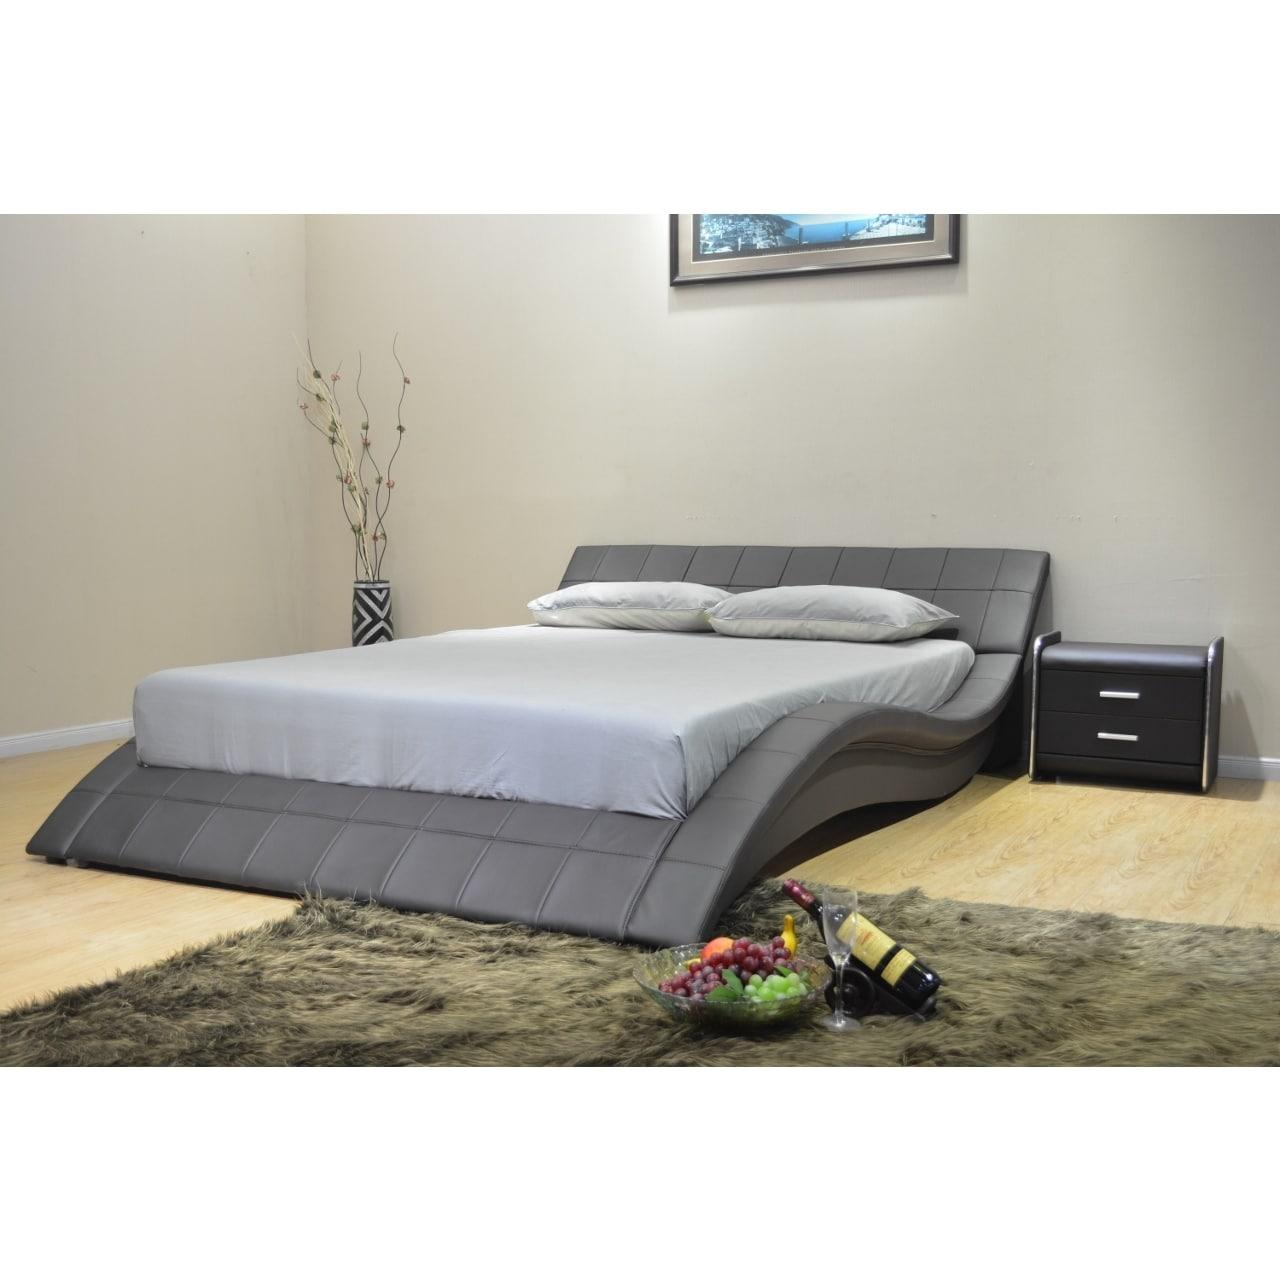 Greatime B1041-1 Eastern King Black Wave-like Shape Platform Bed | eBay